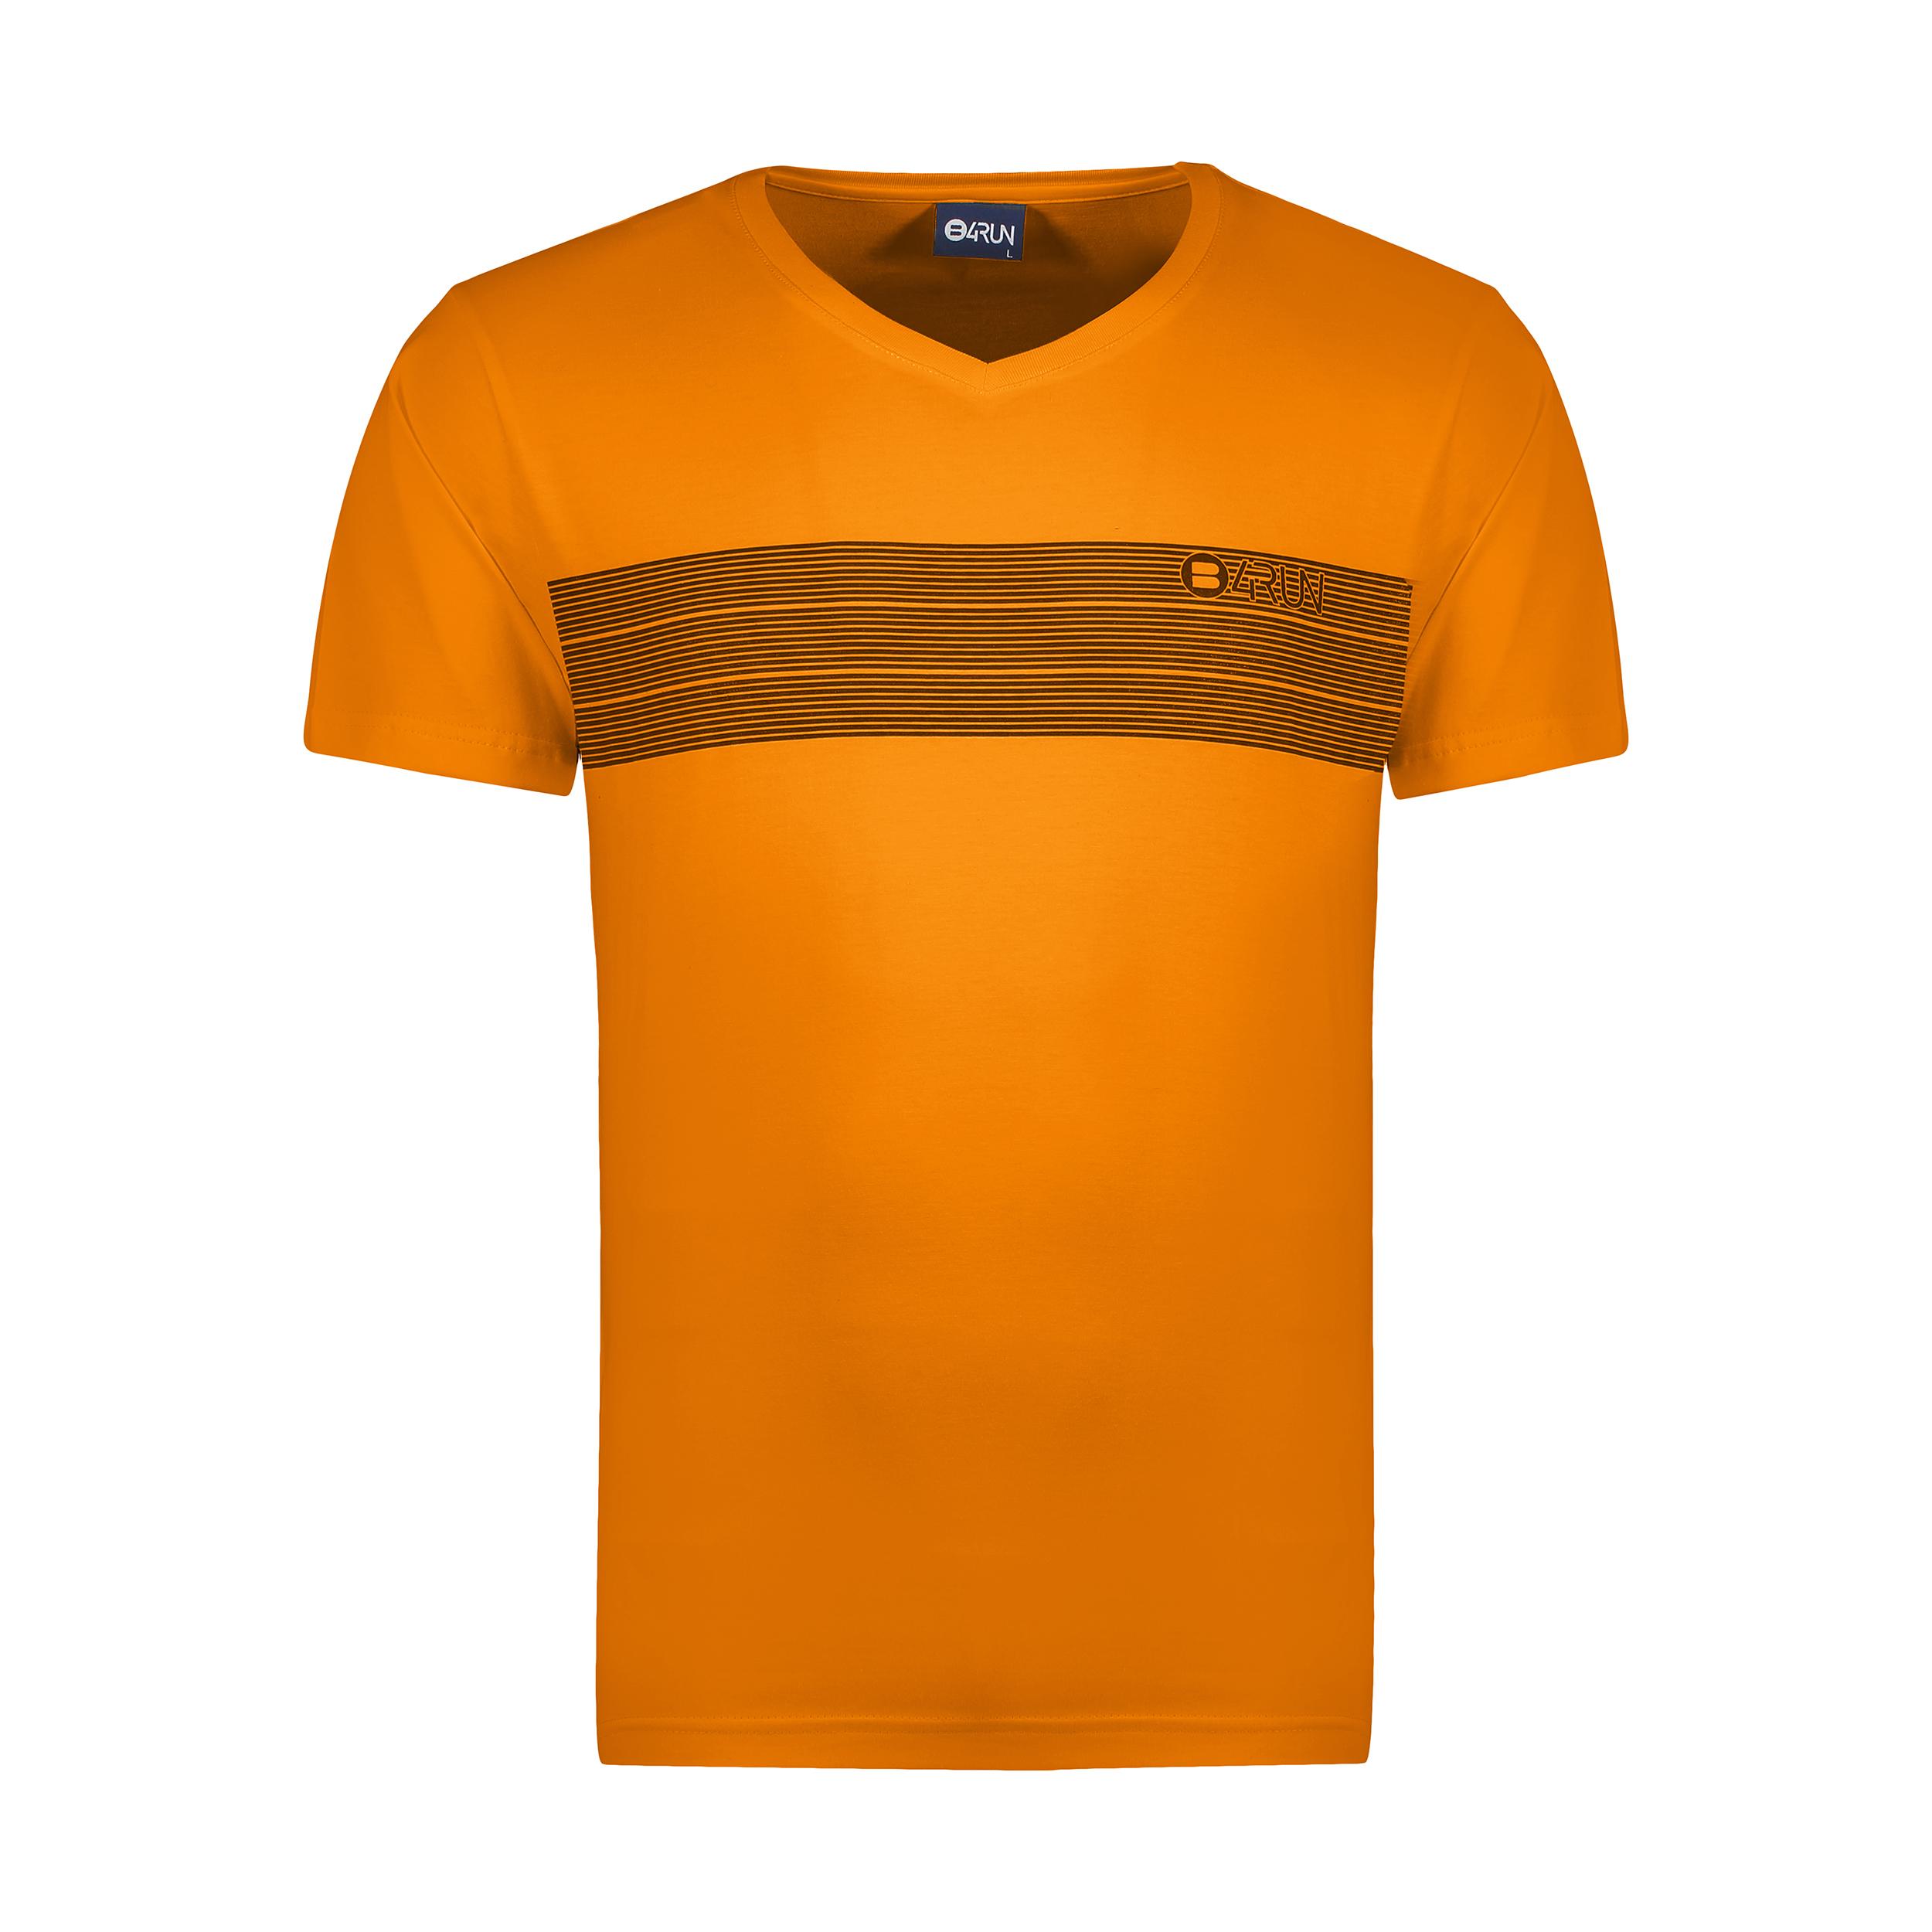 تی شرت ورزشی مردانه بی فور ران مدل 210311-23